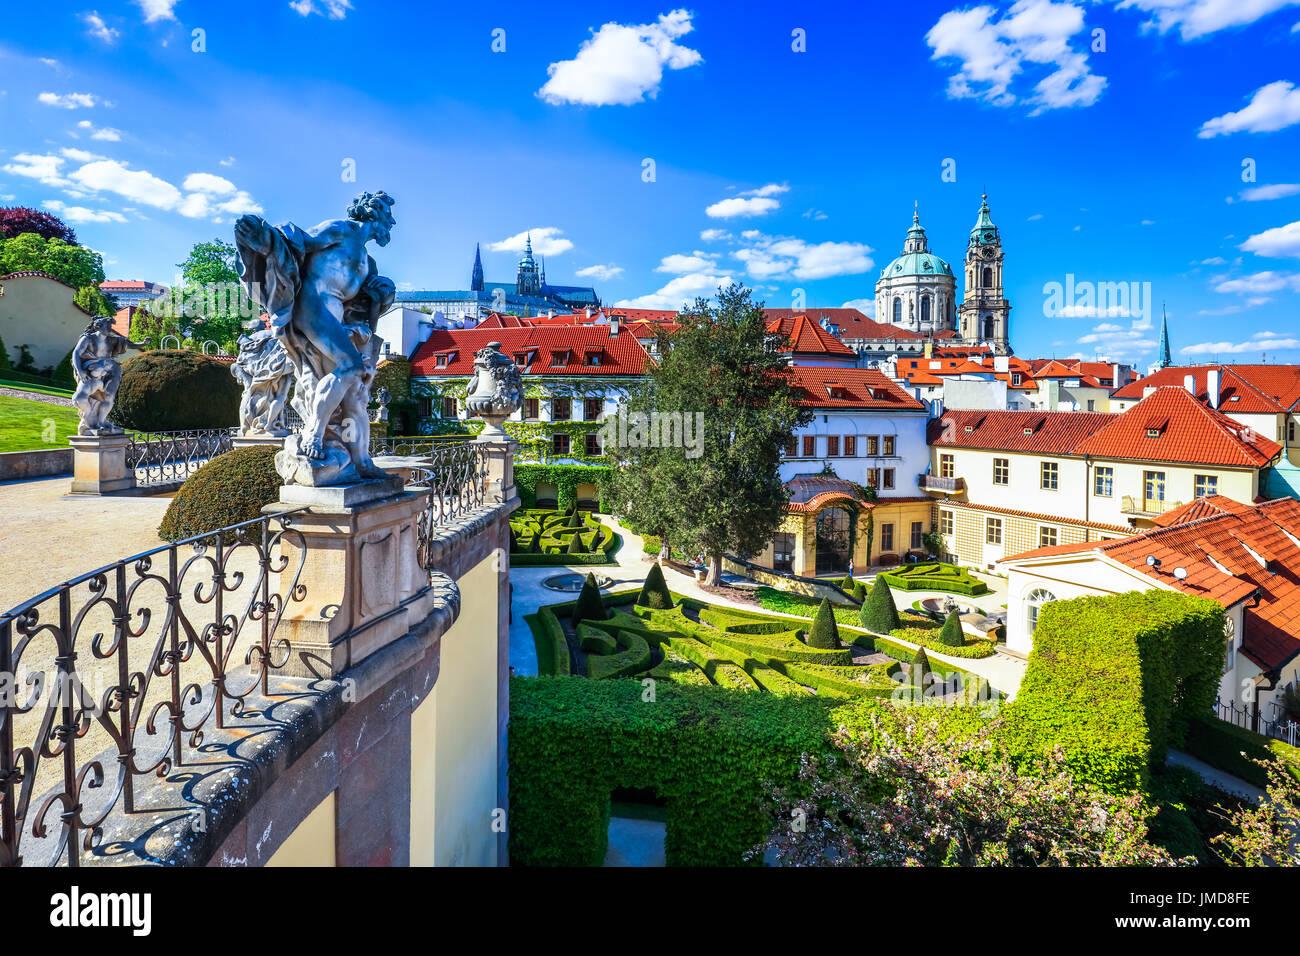 vrtba garden prague czech - photo #26